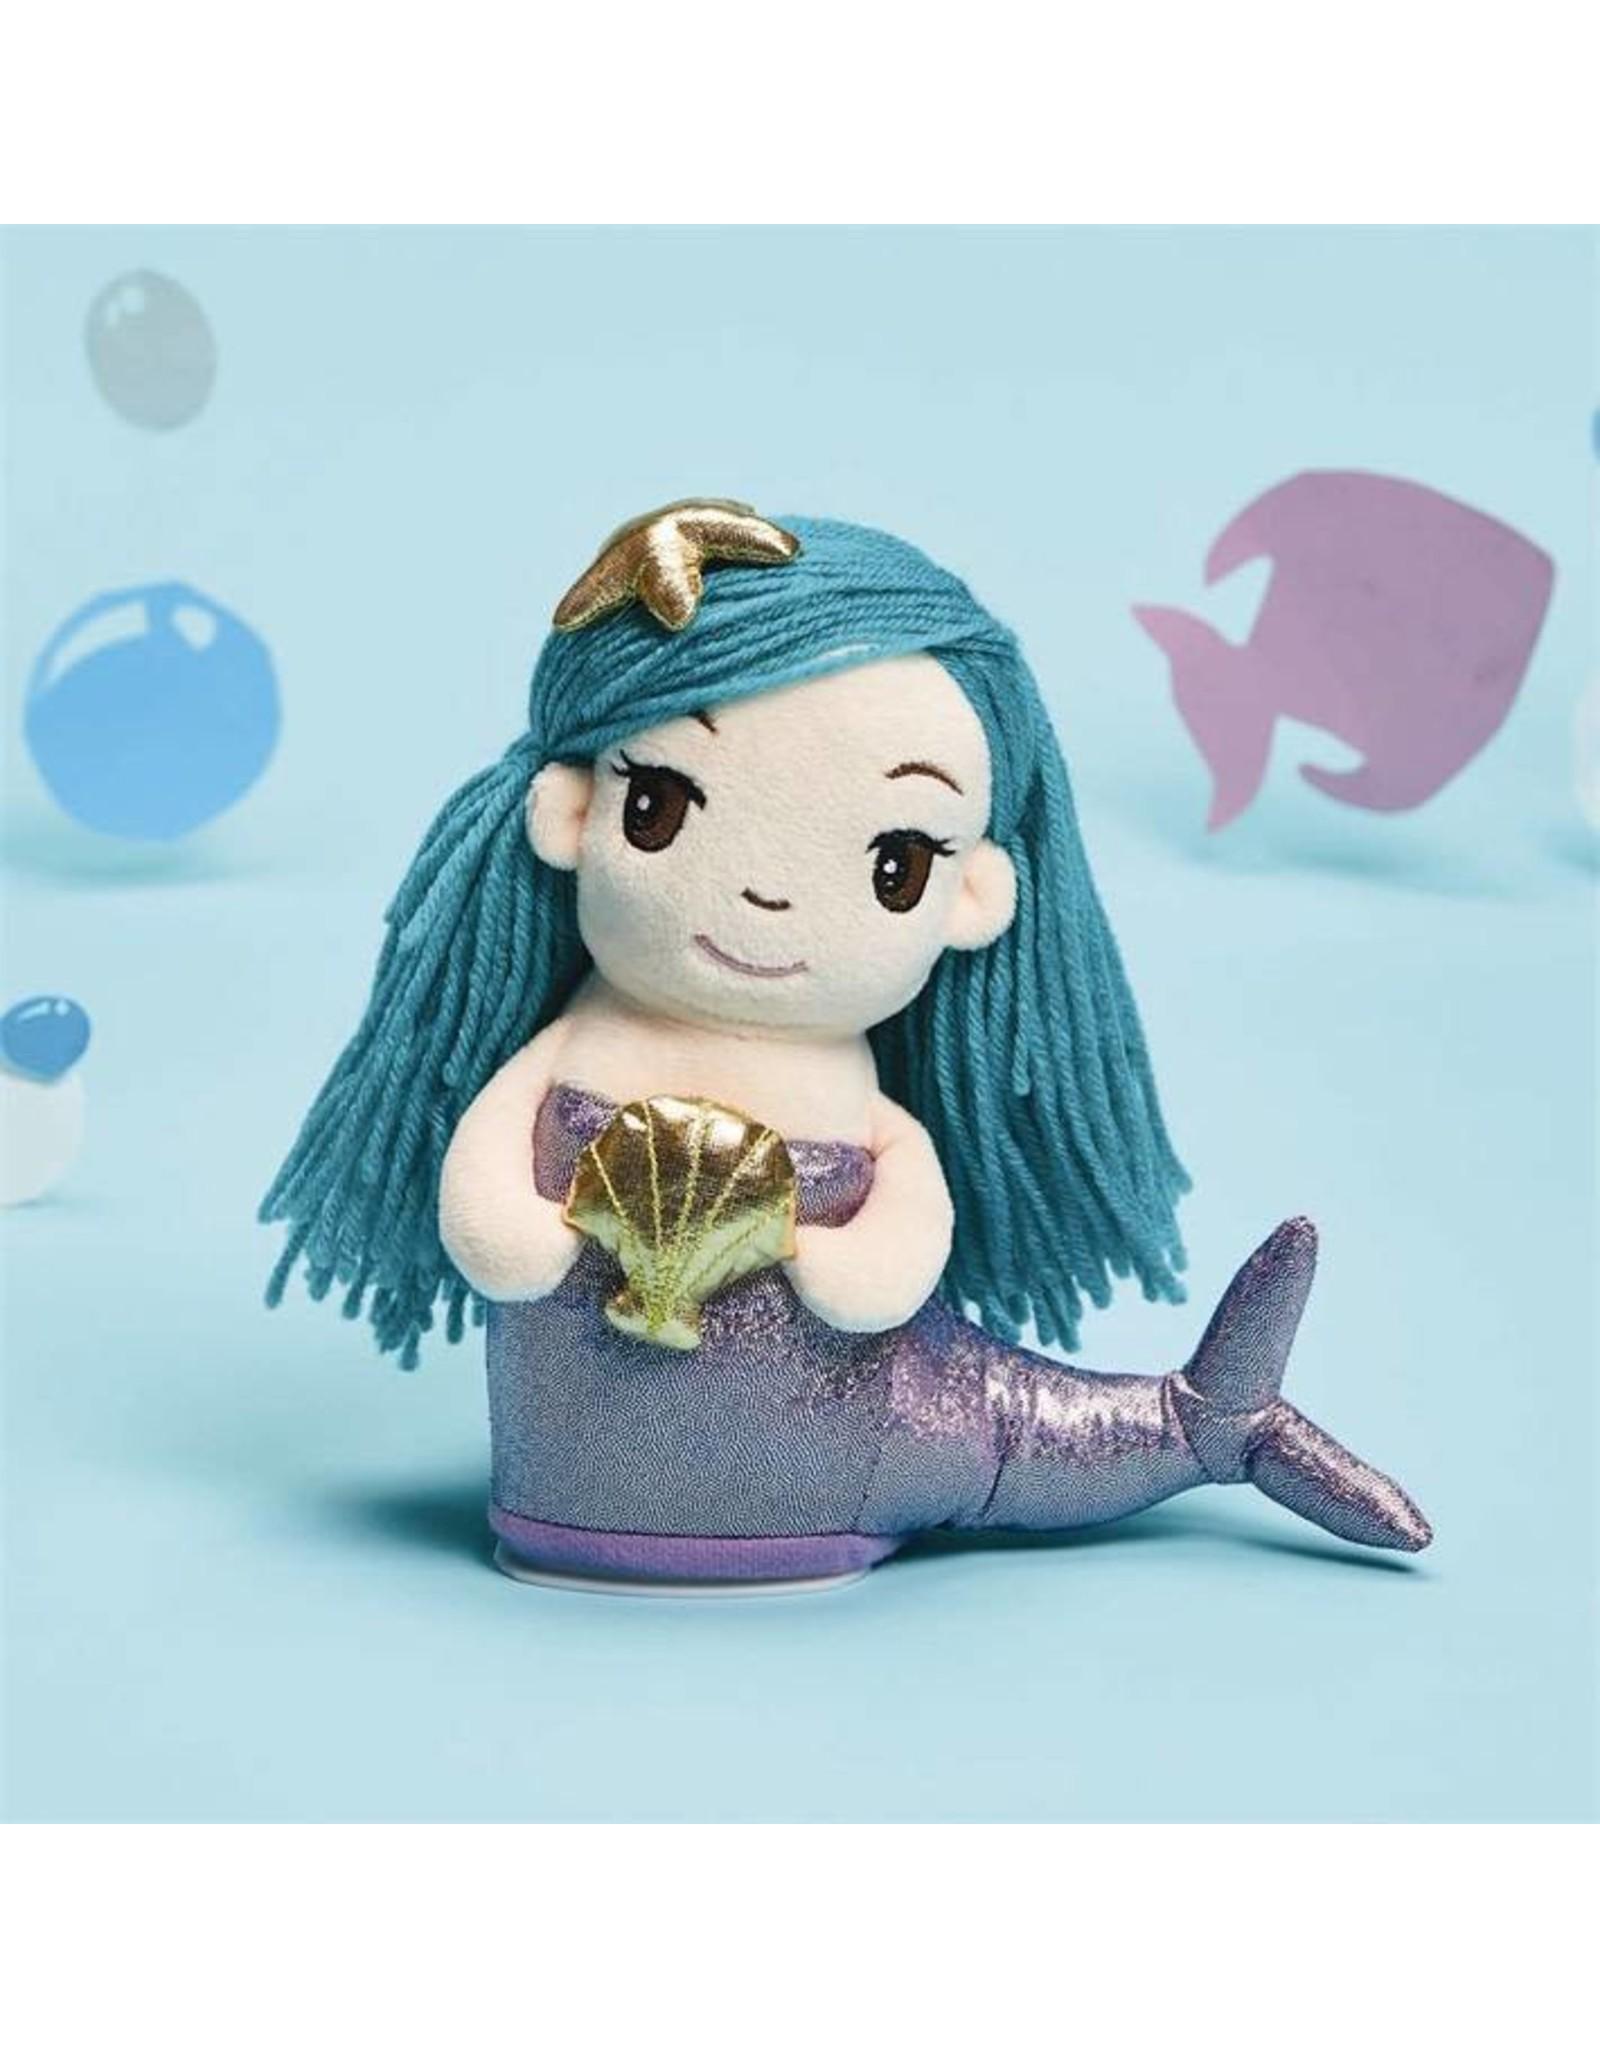 Plush Speak/Repeat Mermaid